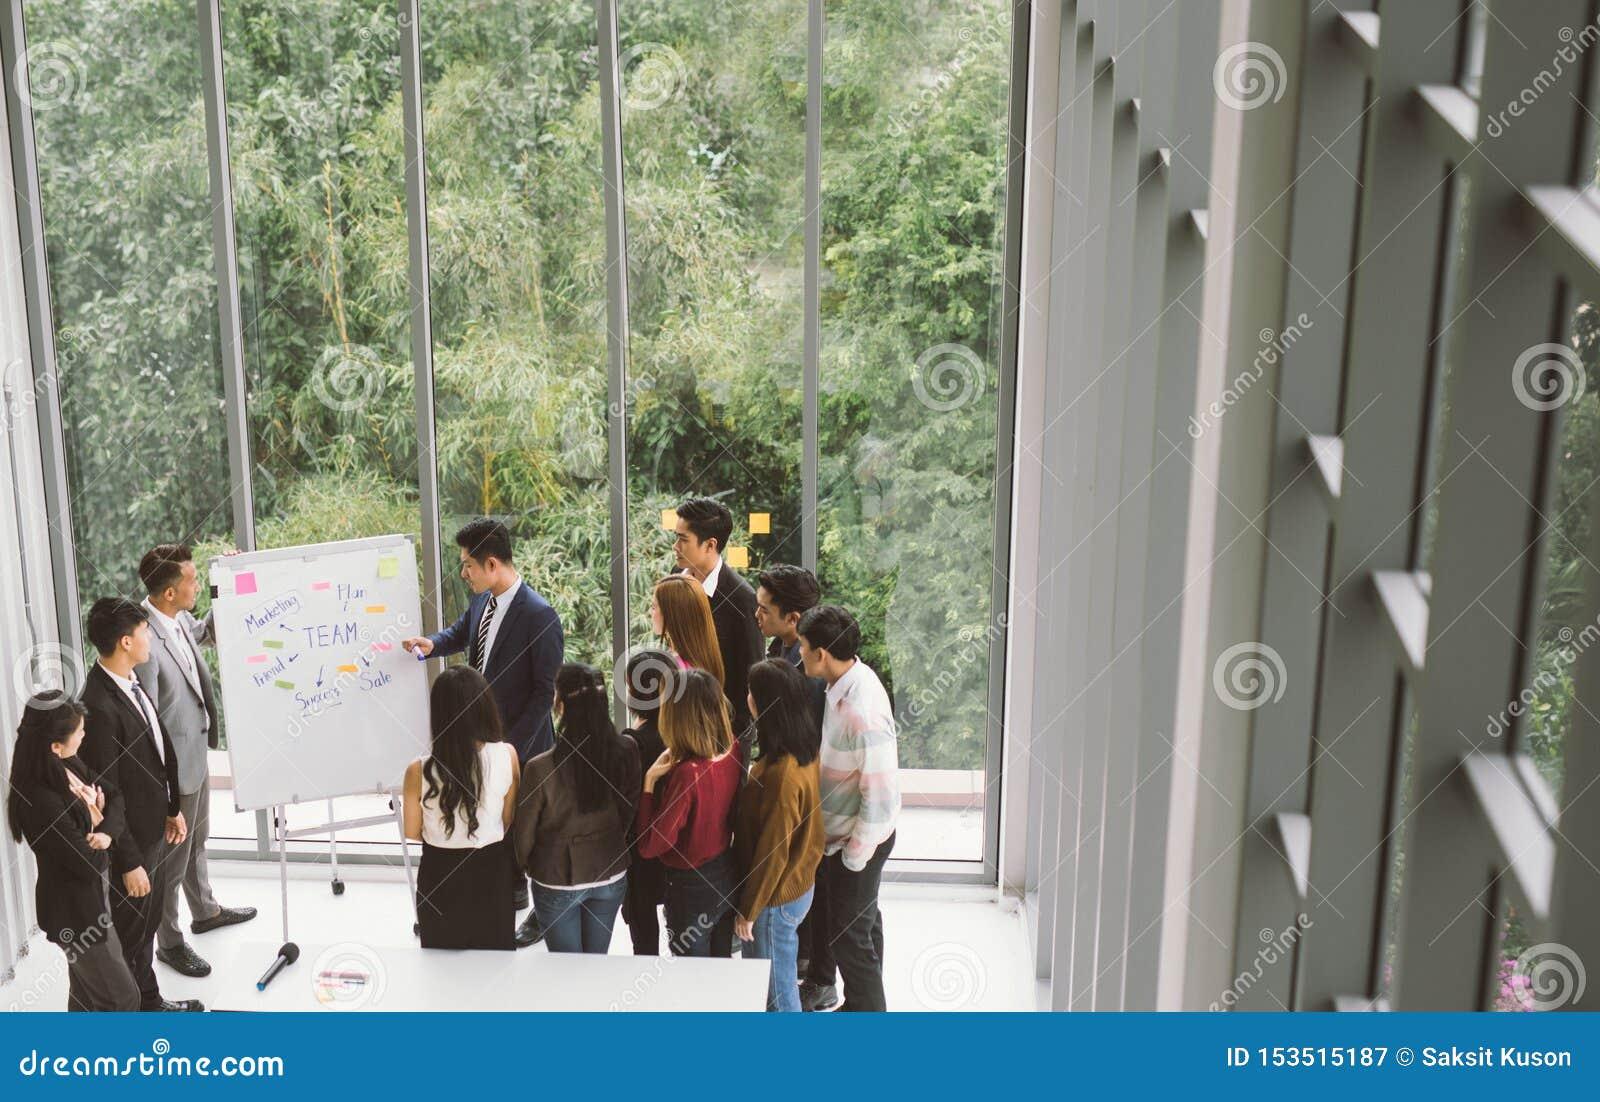 Homem de negócios que apresenta no grupo do whiteboard de executivos que estão em torno da placa branca durante o encontro no esc